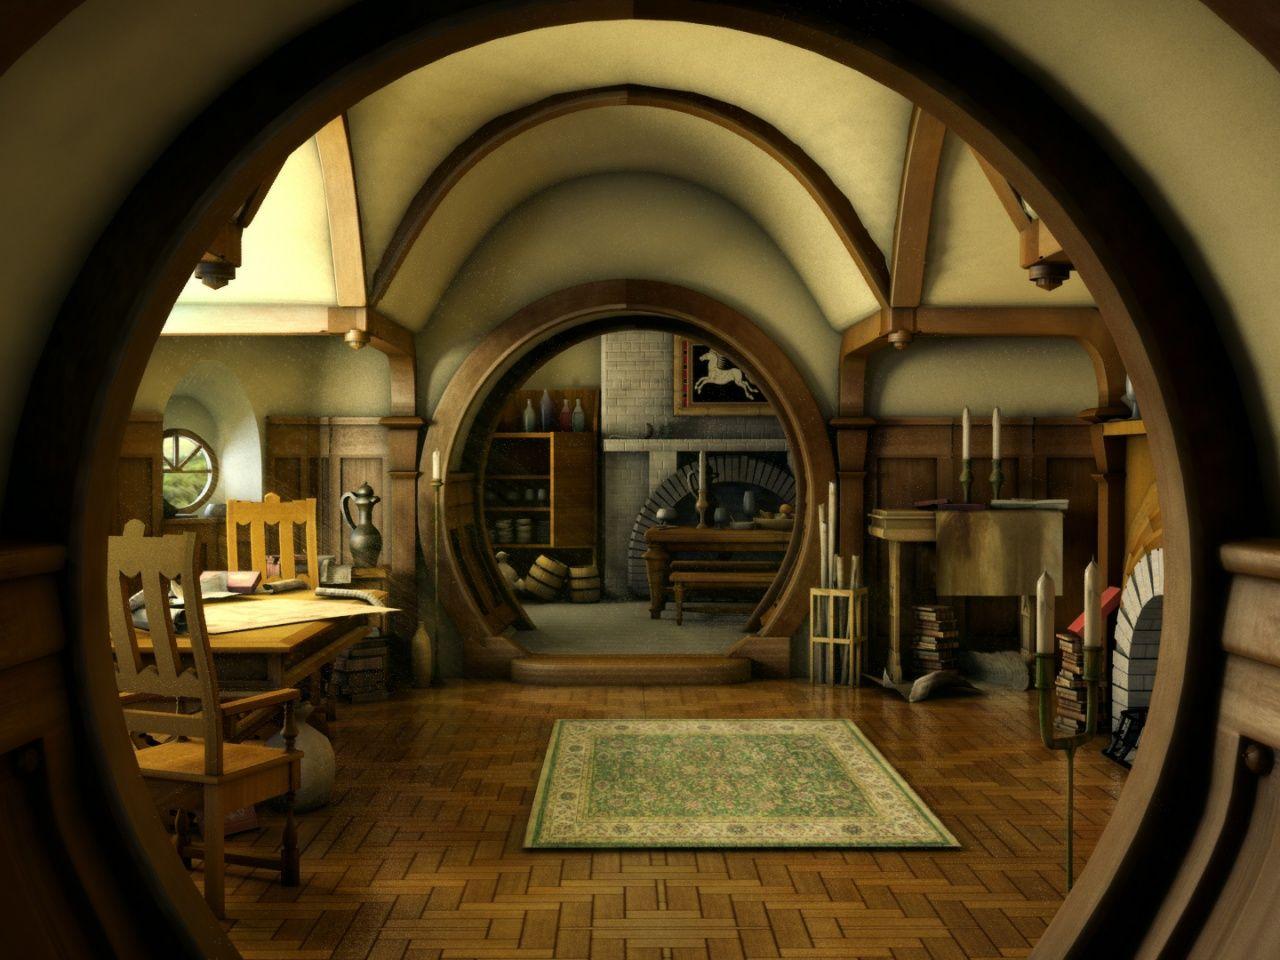 1000+ images about Cob, Hobbit Holes, Hobbit House Ideas on ...